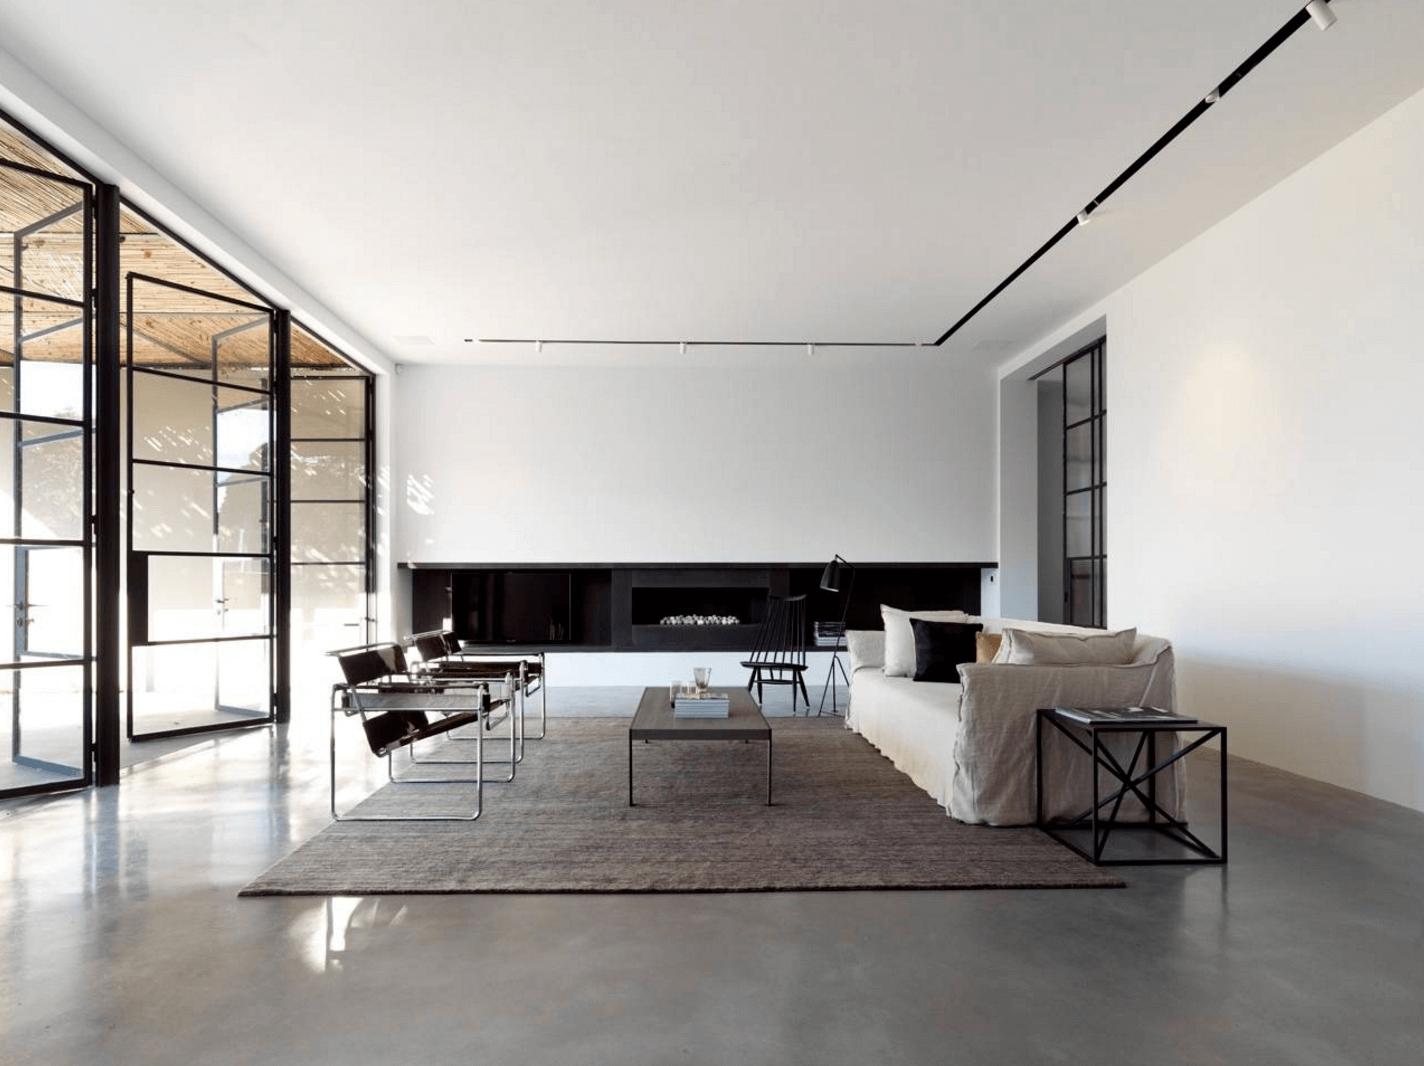 Keberadaan furnitur dapat mempertegas konsep interior hunian - source: freshome.com